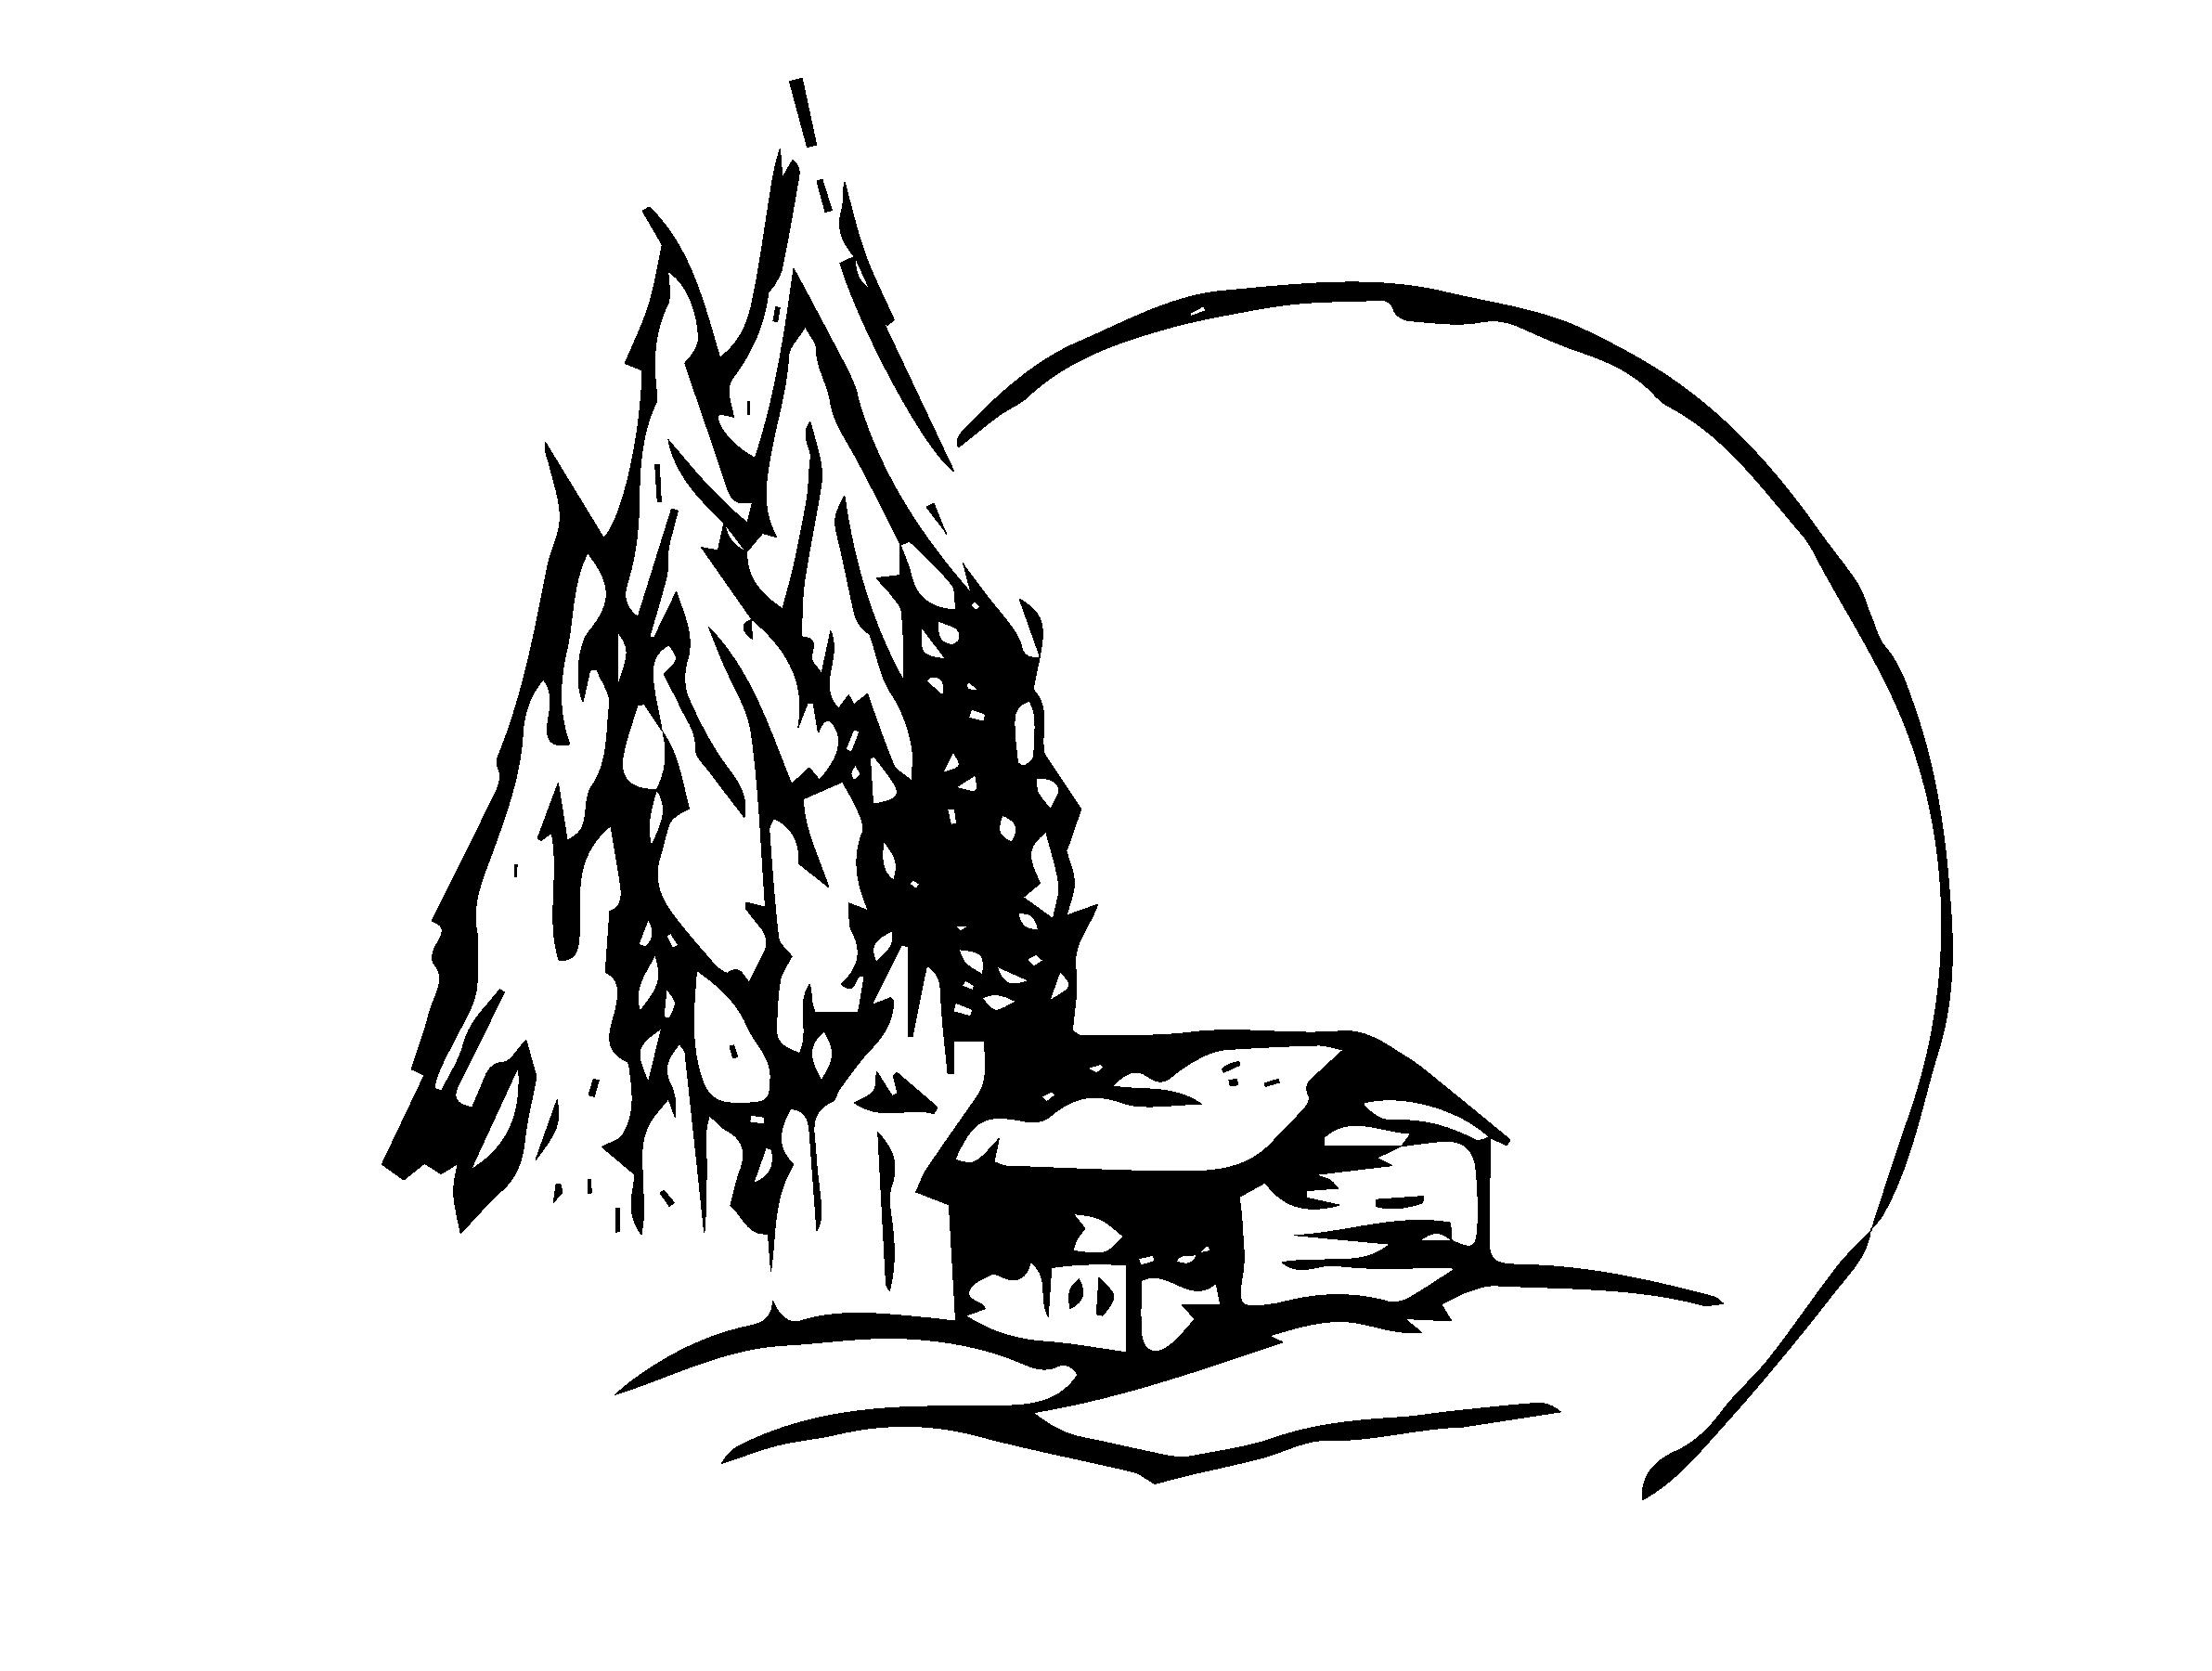 goosemooncabin the cabin-01.png